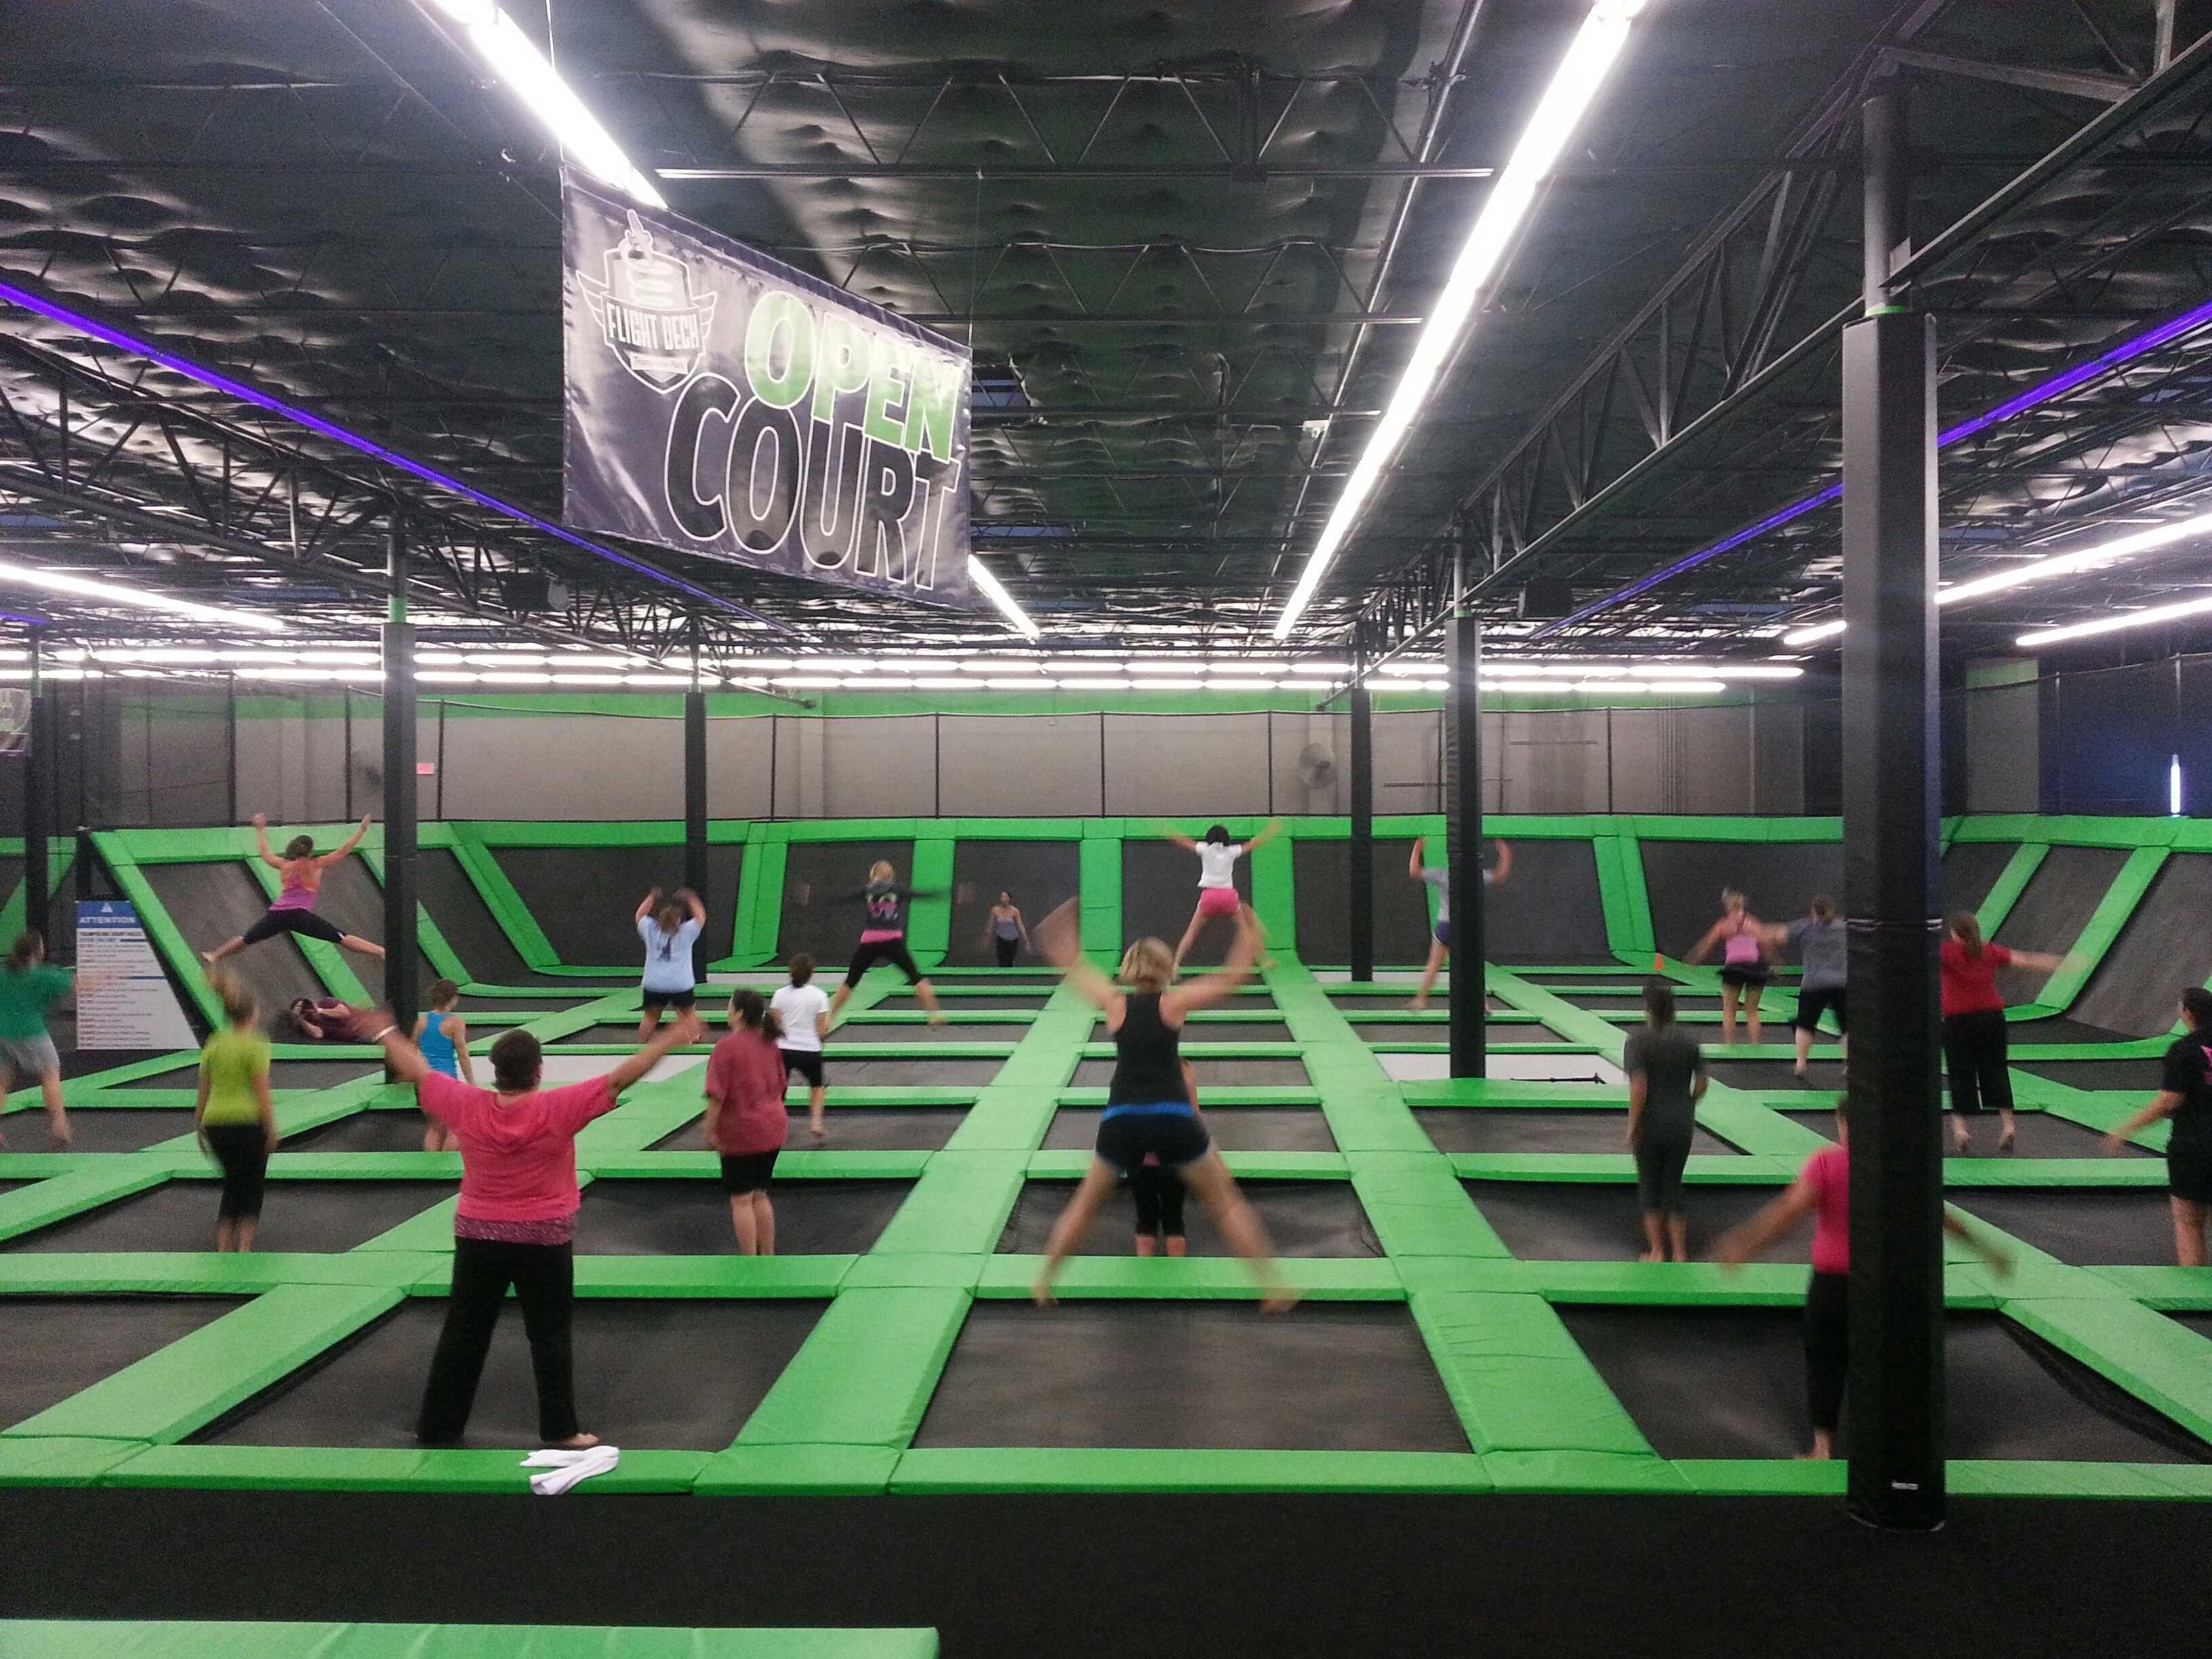 Vertical Aerobics In Arlington Tx Flight Deck Trampoline Park Aerobics Aerobics Classes